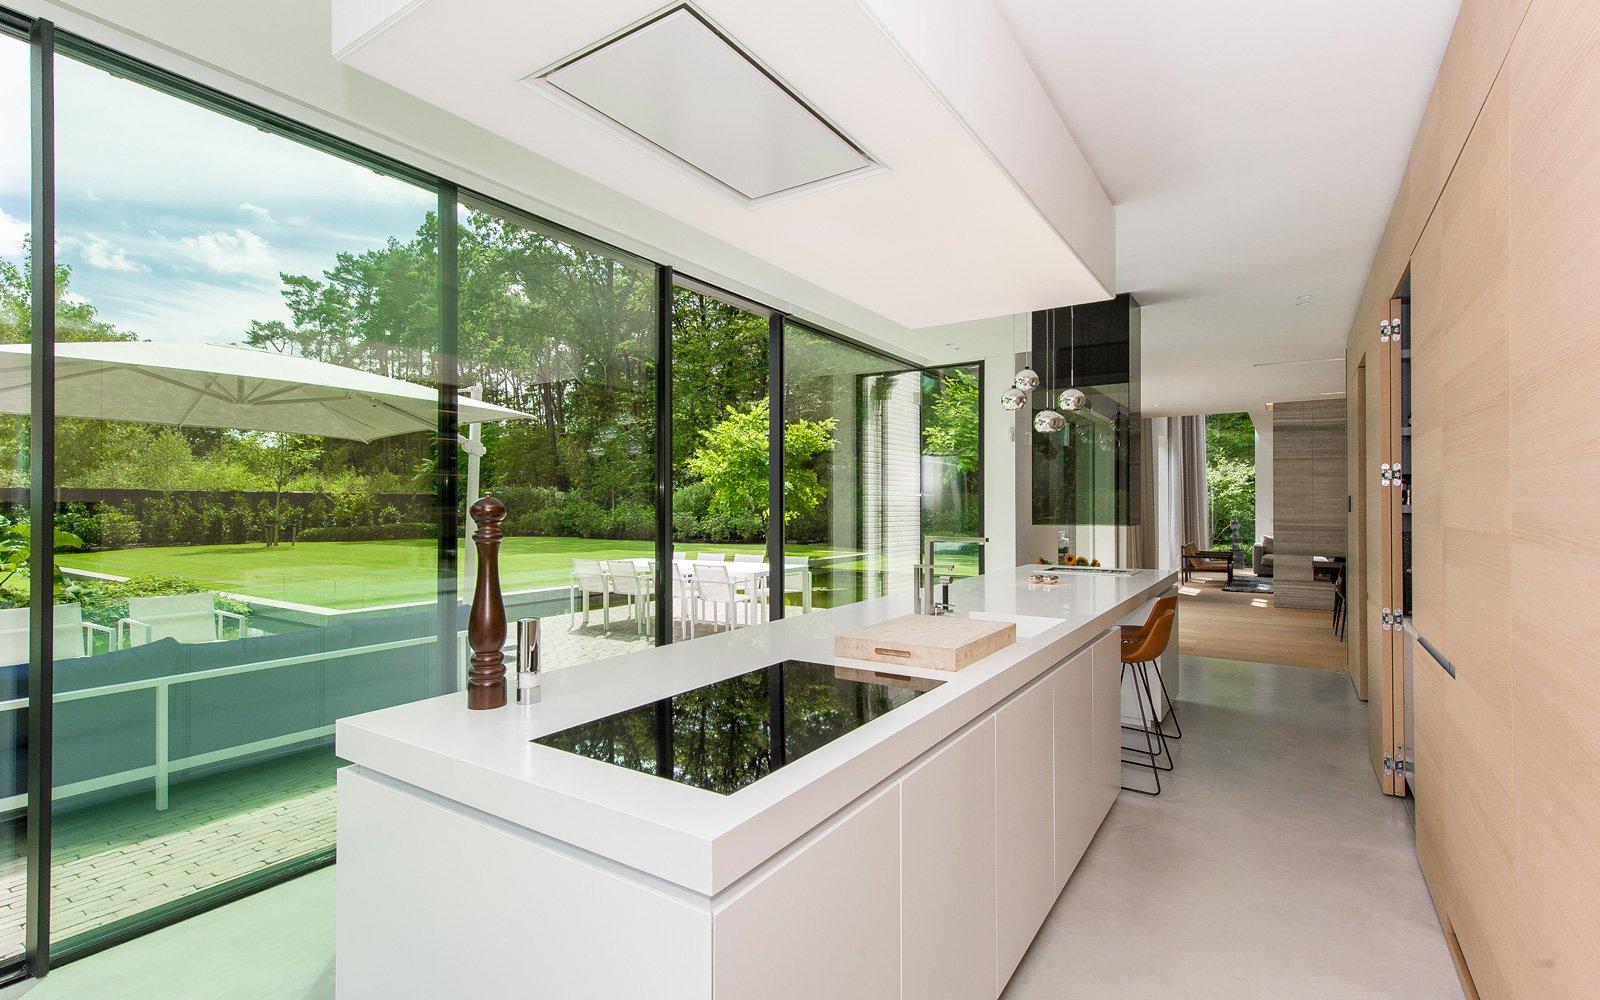 Supermoderne villa pieter vlassak the art of living be